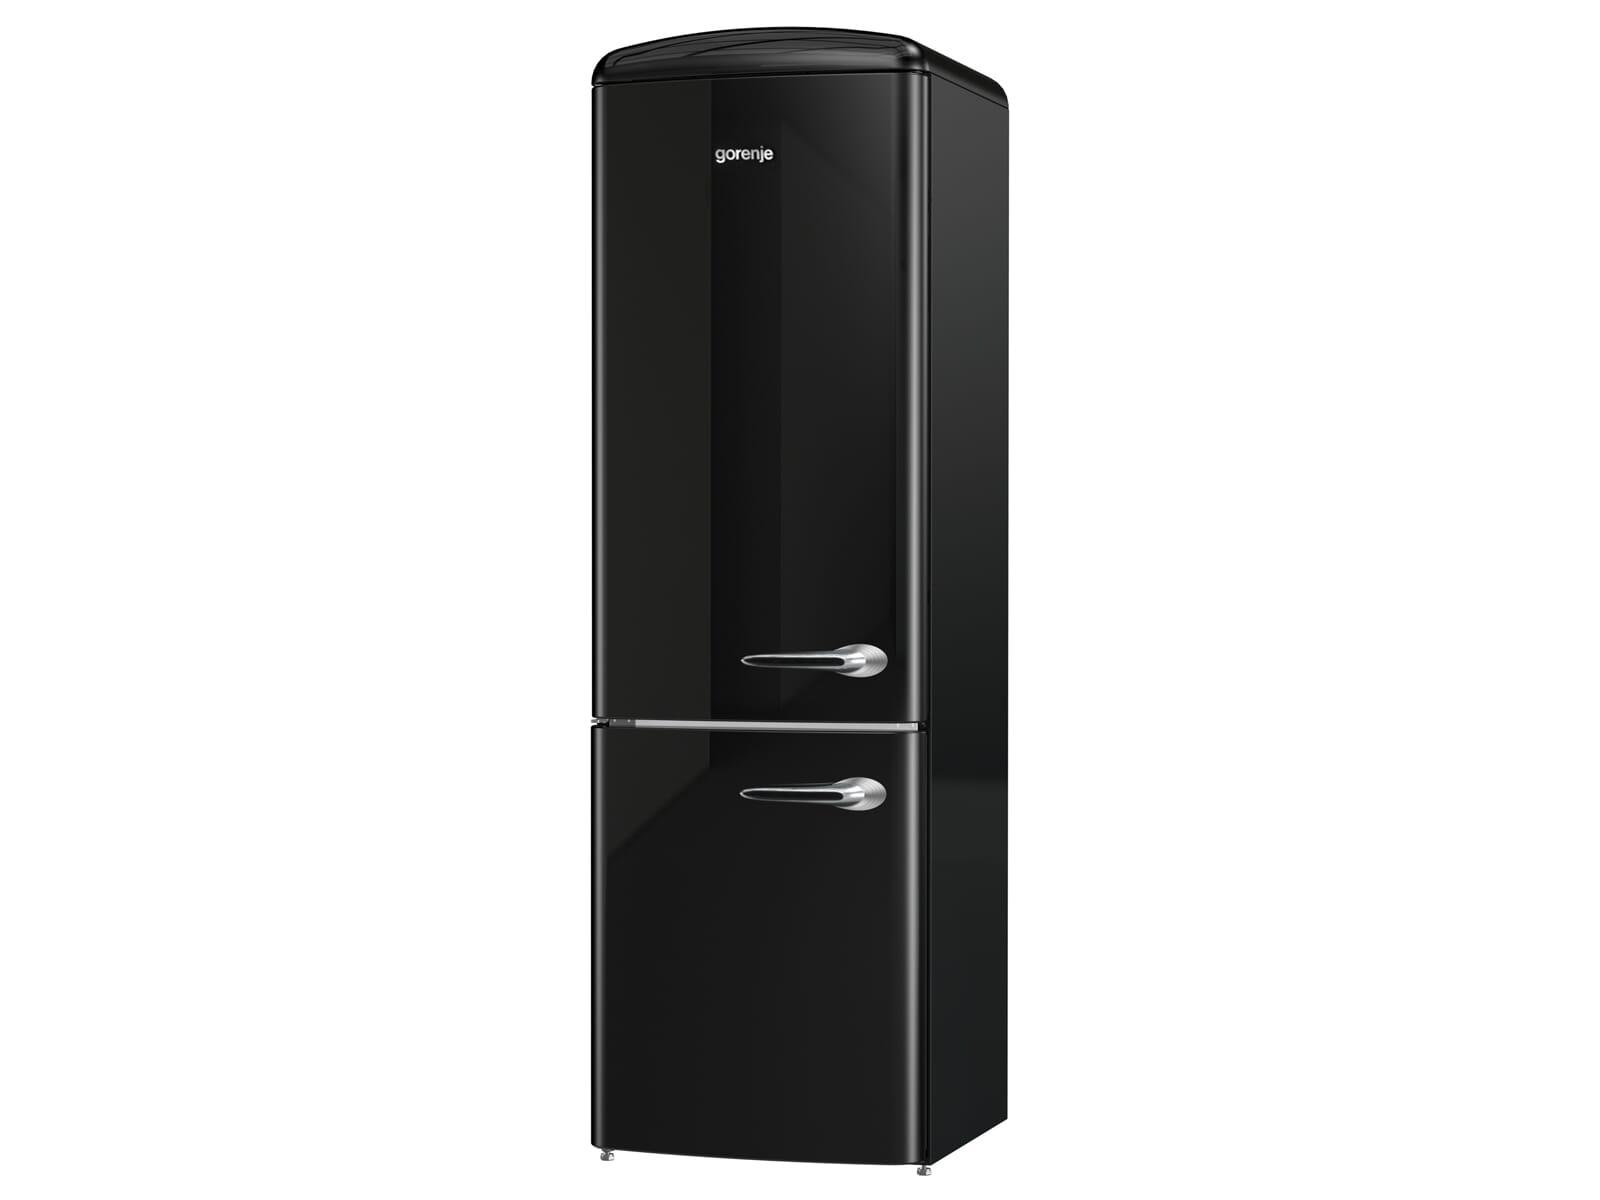 Gorenje Kühlschrank Filter : Gorenje ork bk l kühl gefrierkombination black